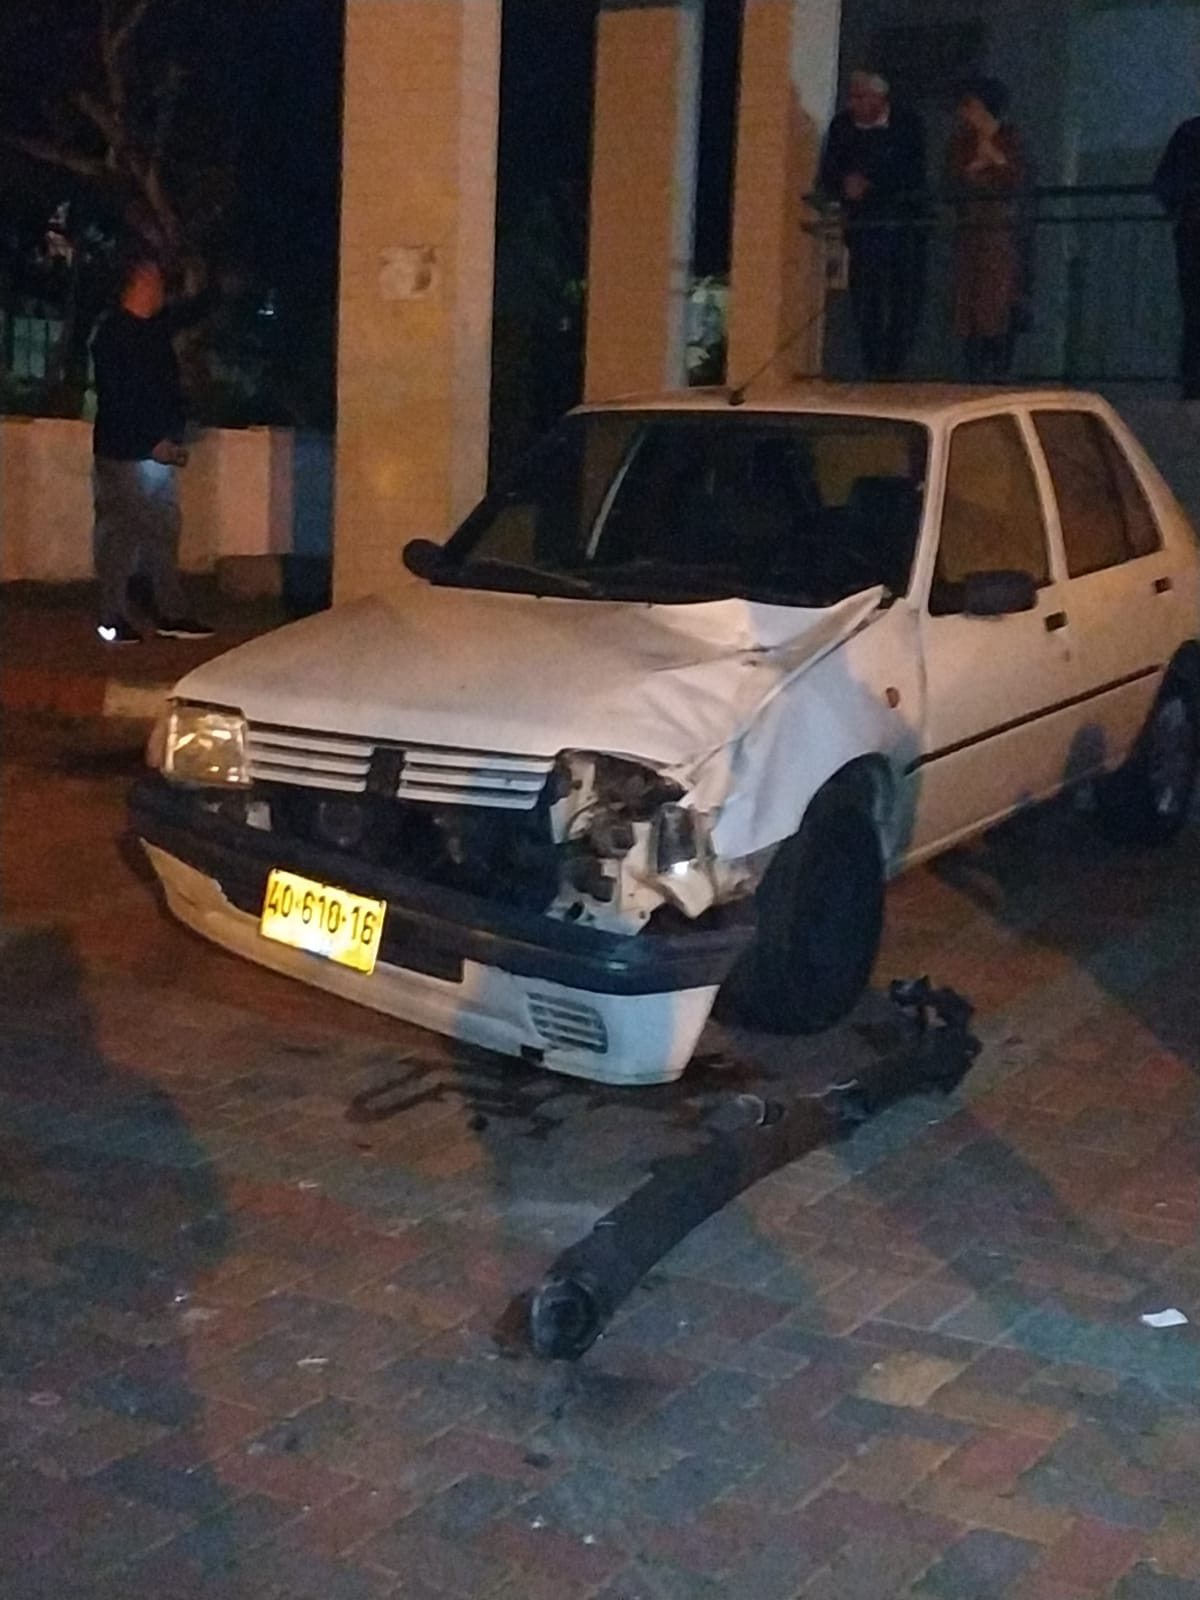 הלך הרכב? רסיס נפל על רכב בעיר. צילום: אלי קליין סוגרים שבוע